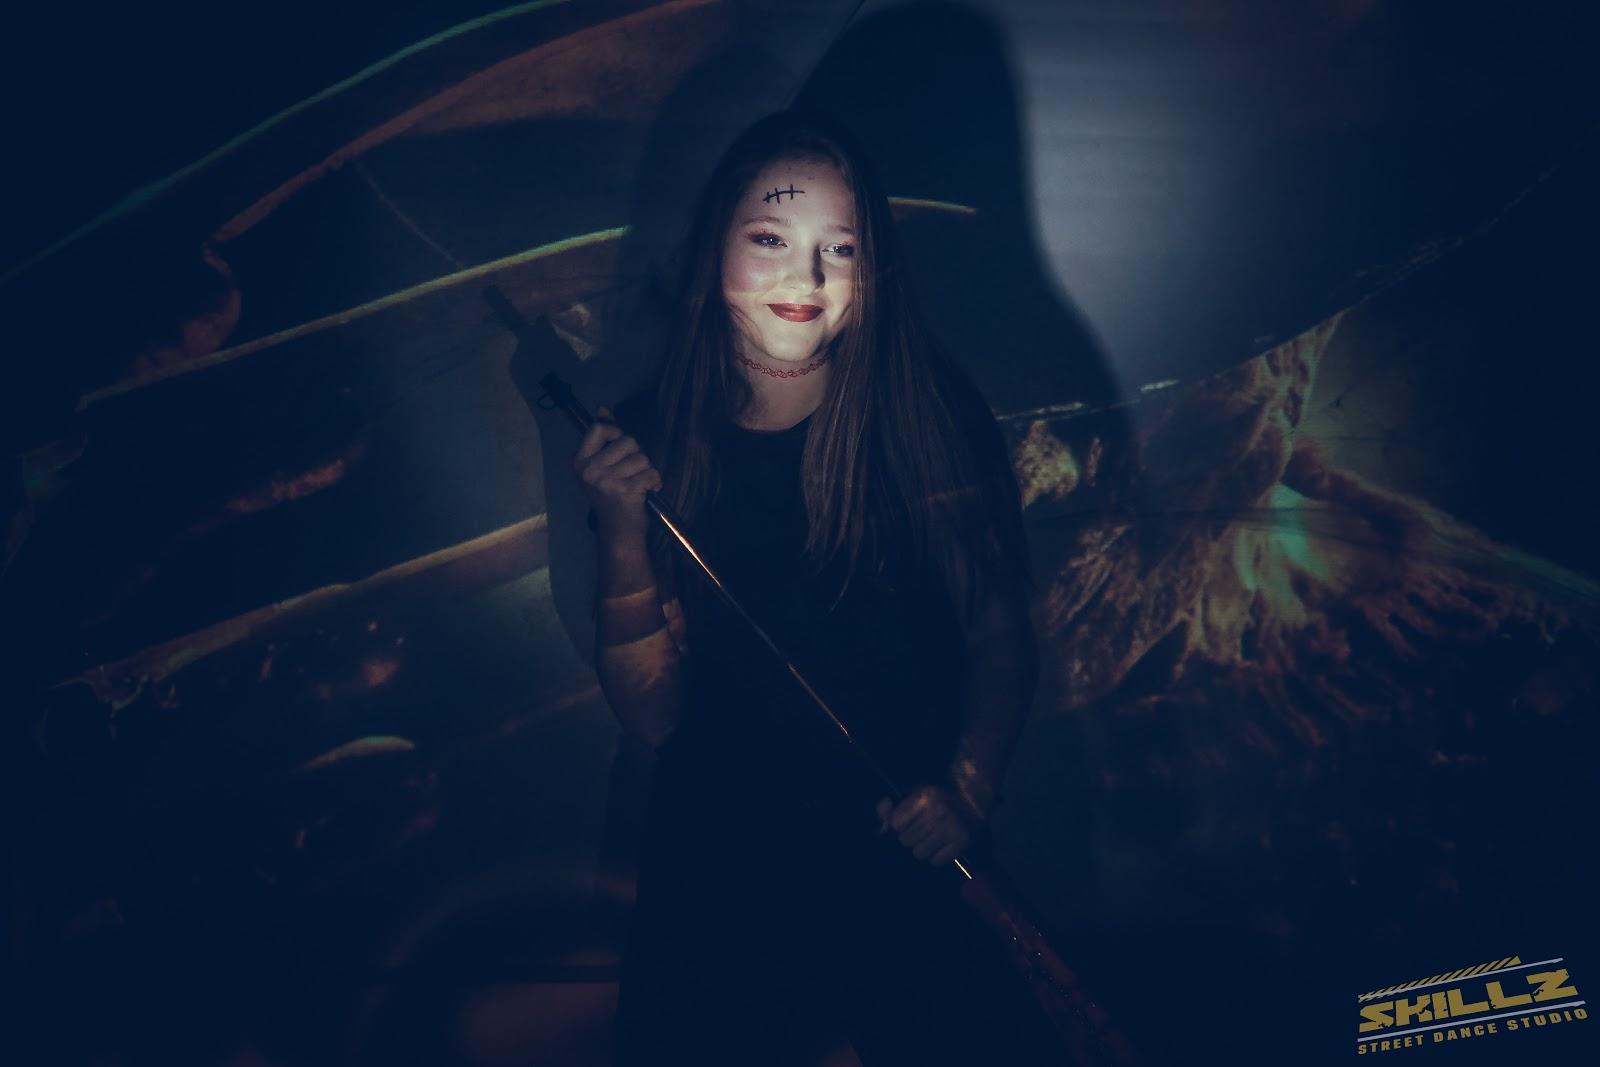 Naujikų krikštynos @SKILLZ (Halloween tema) - PANA1698.jpg